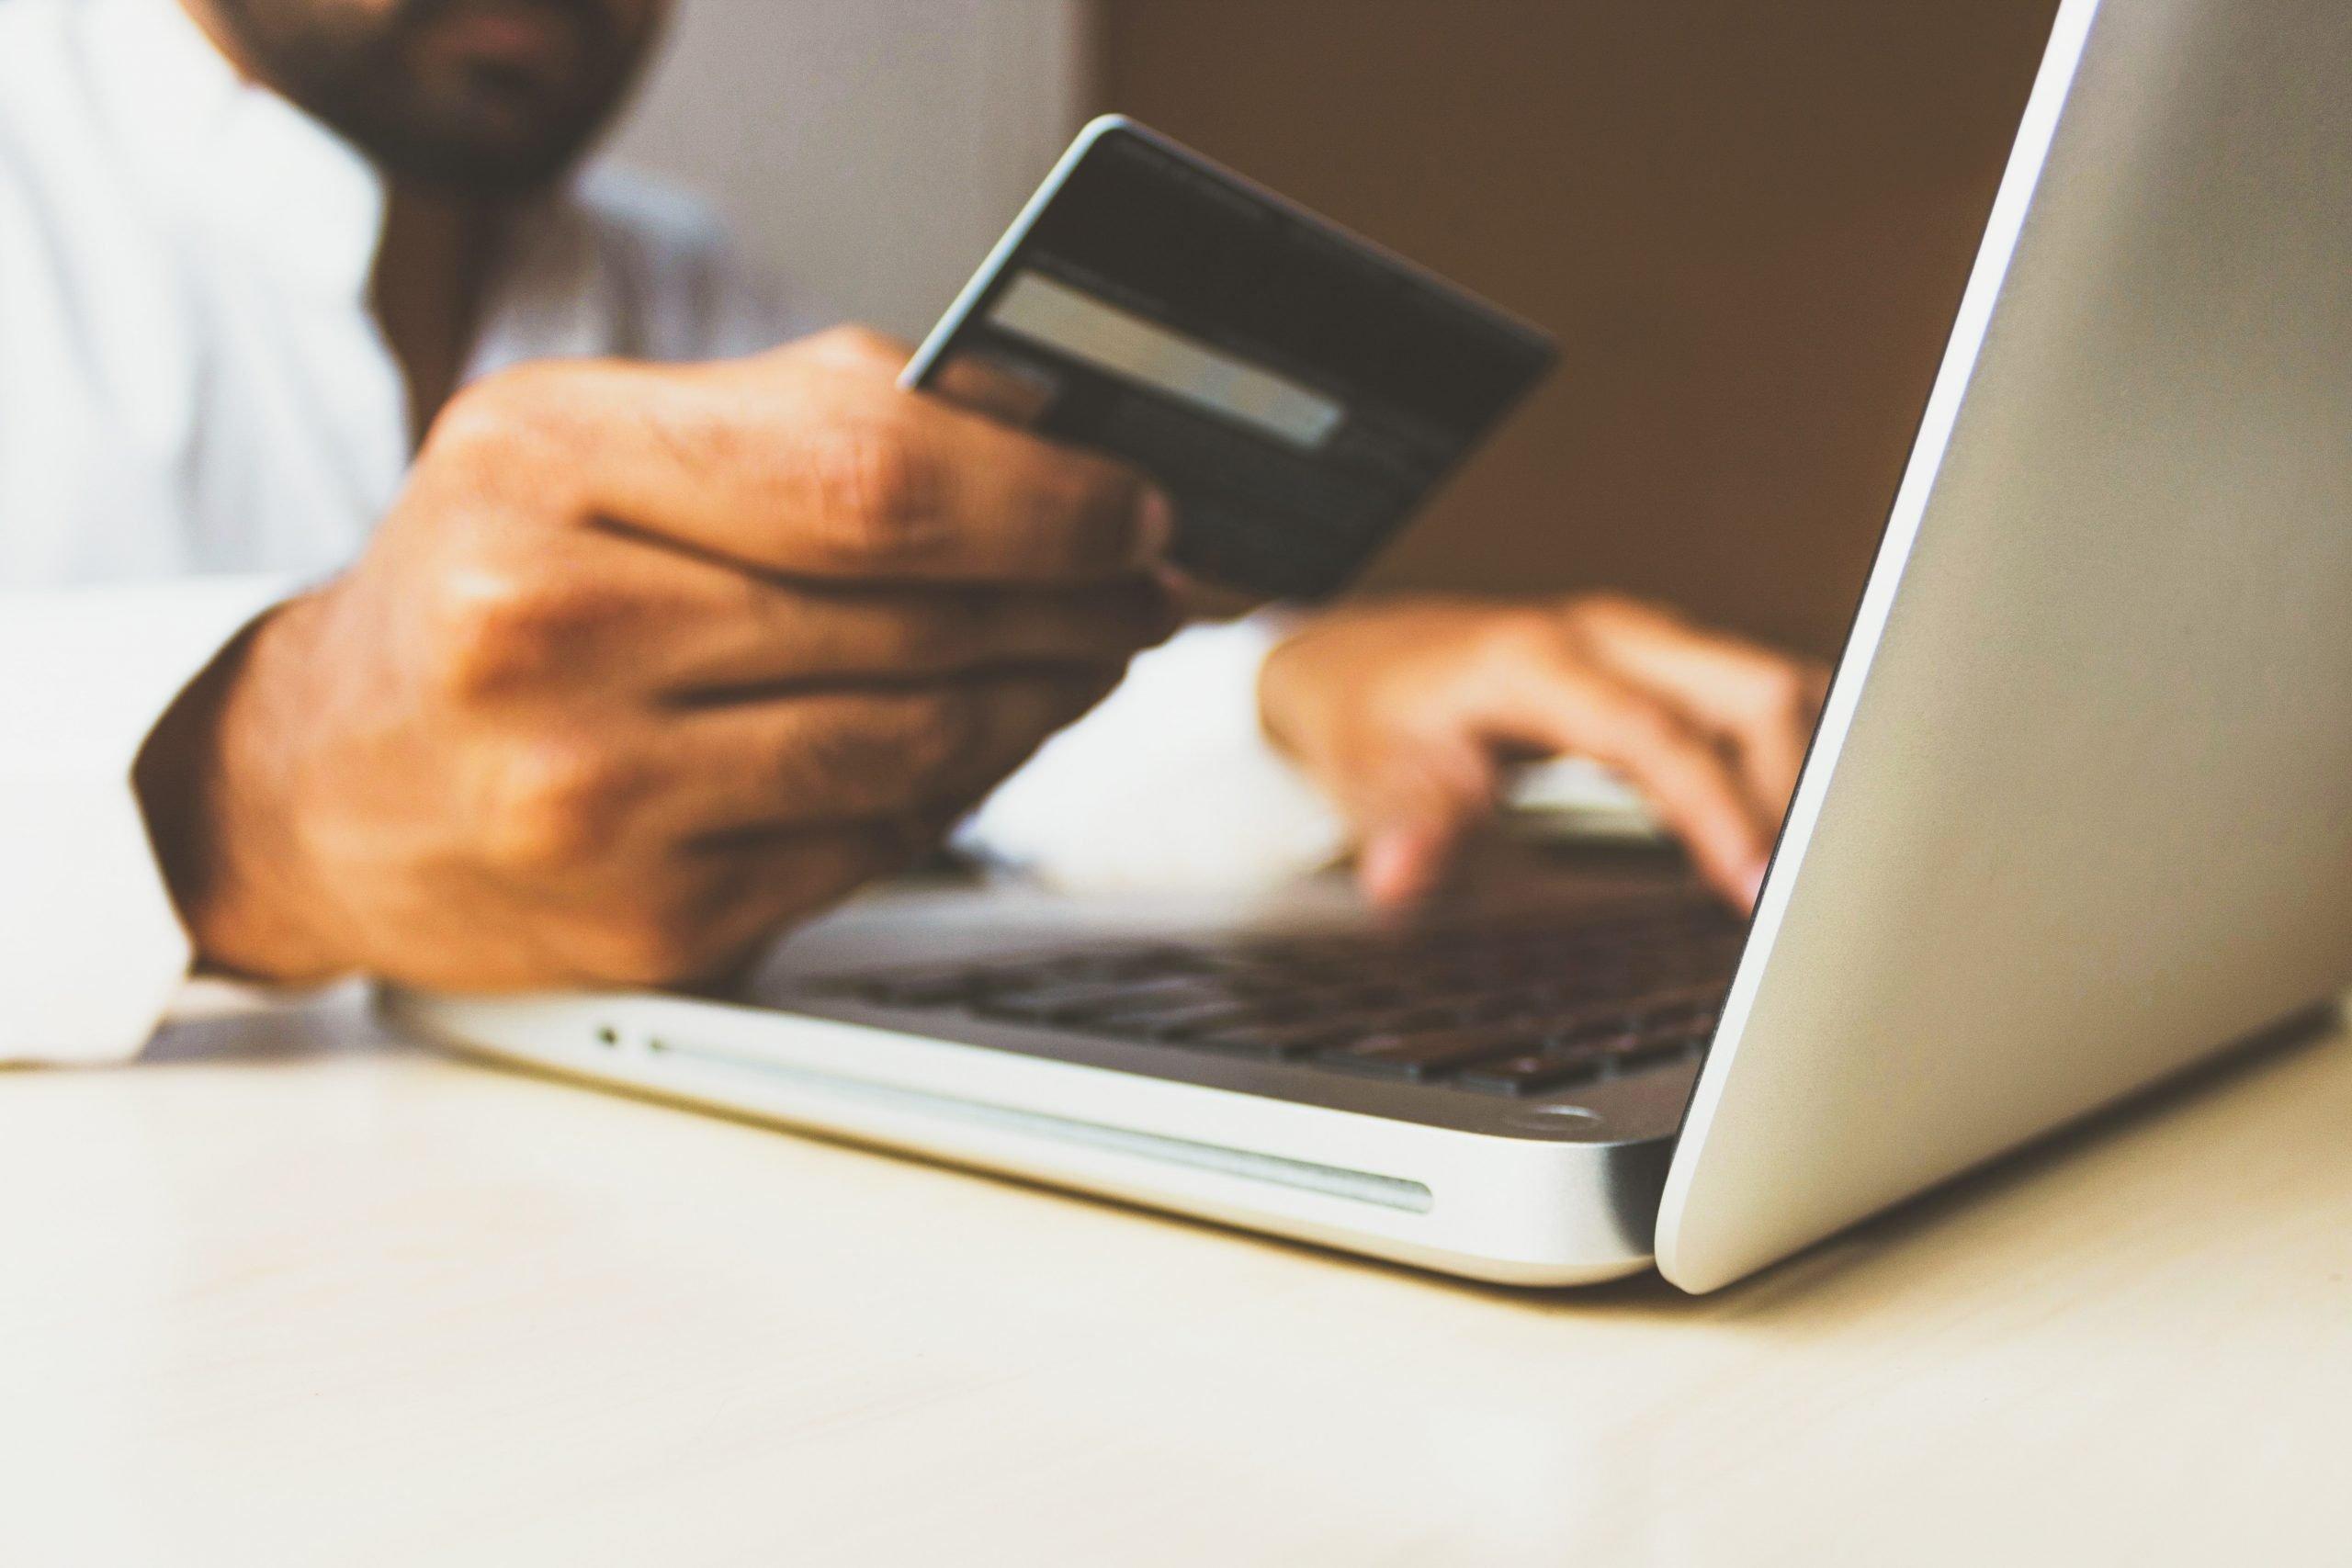 Pasarelas de pago integrables en eCommerce más populares